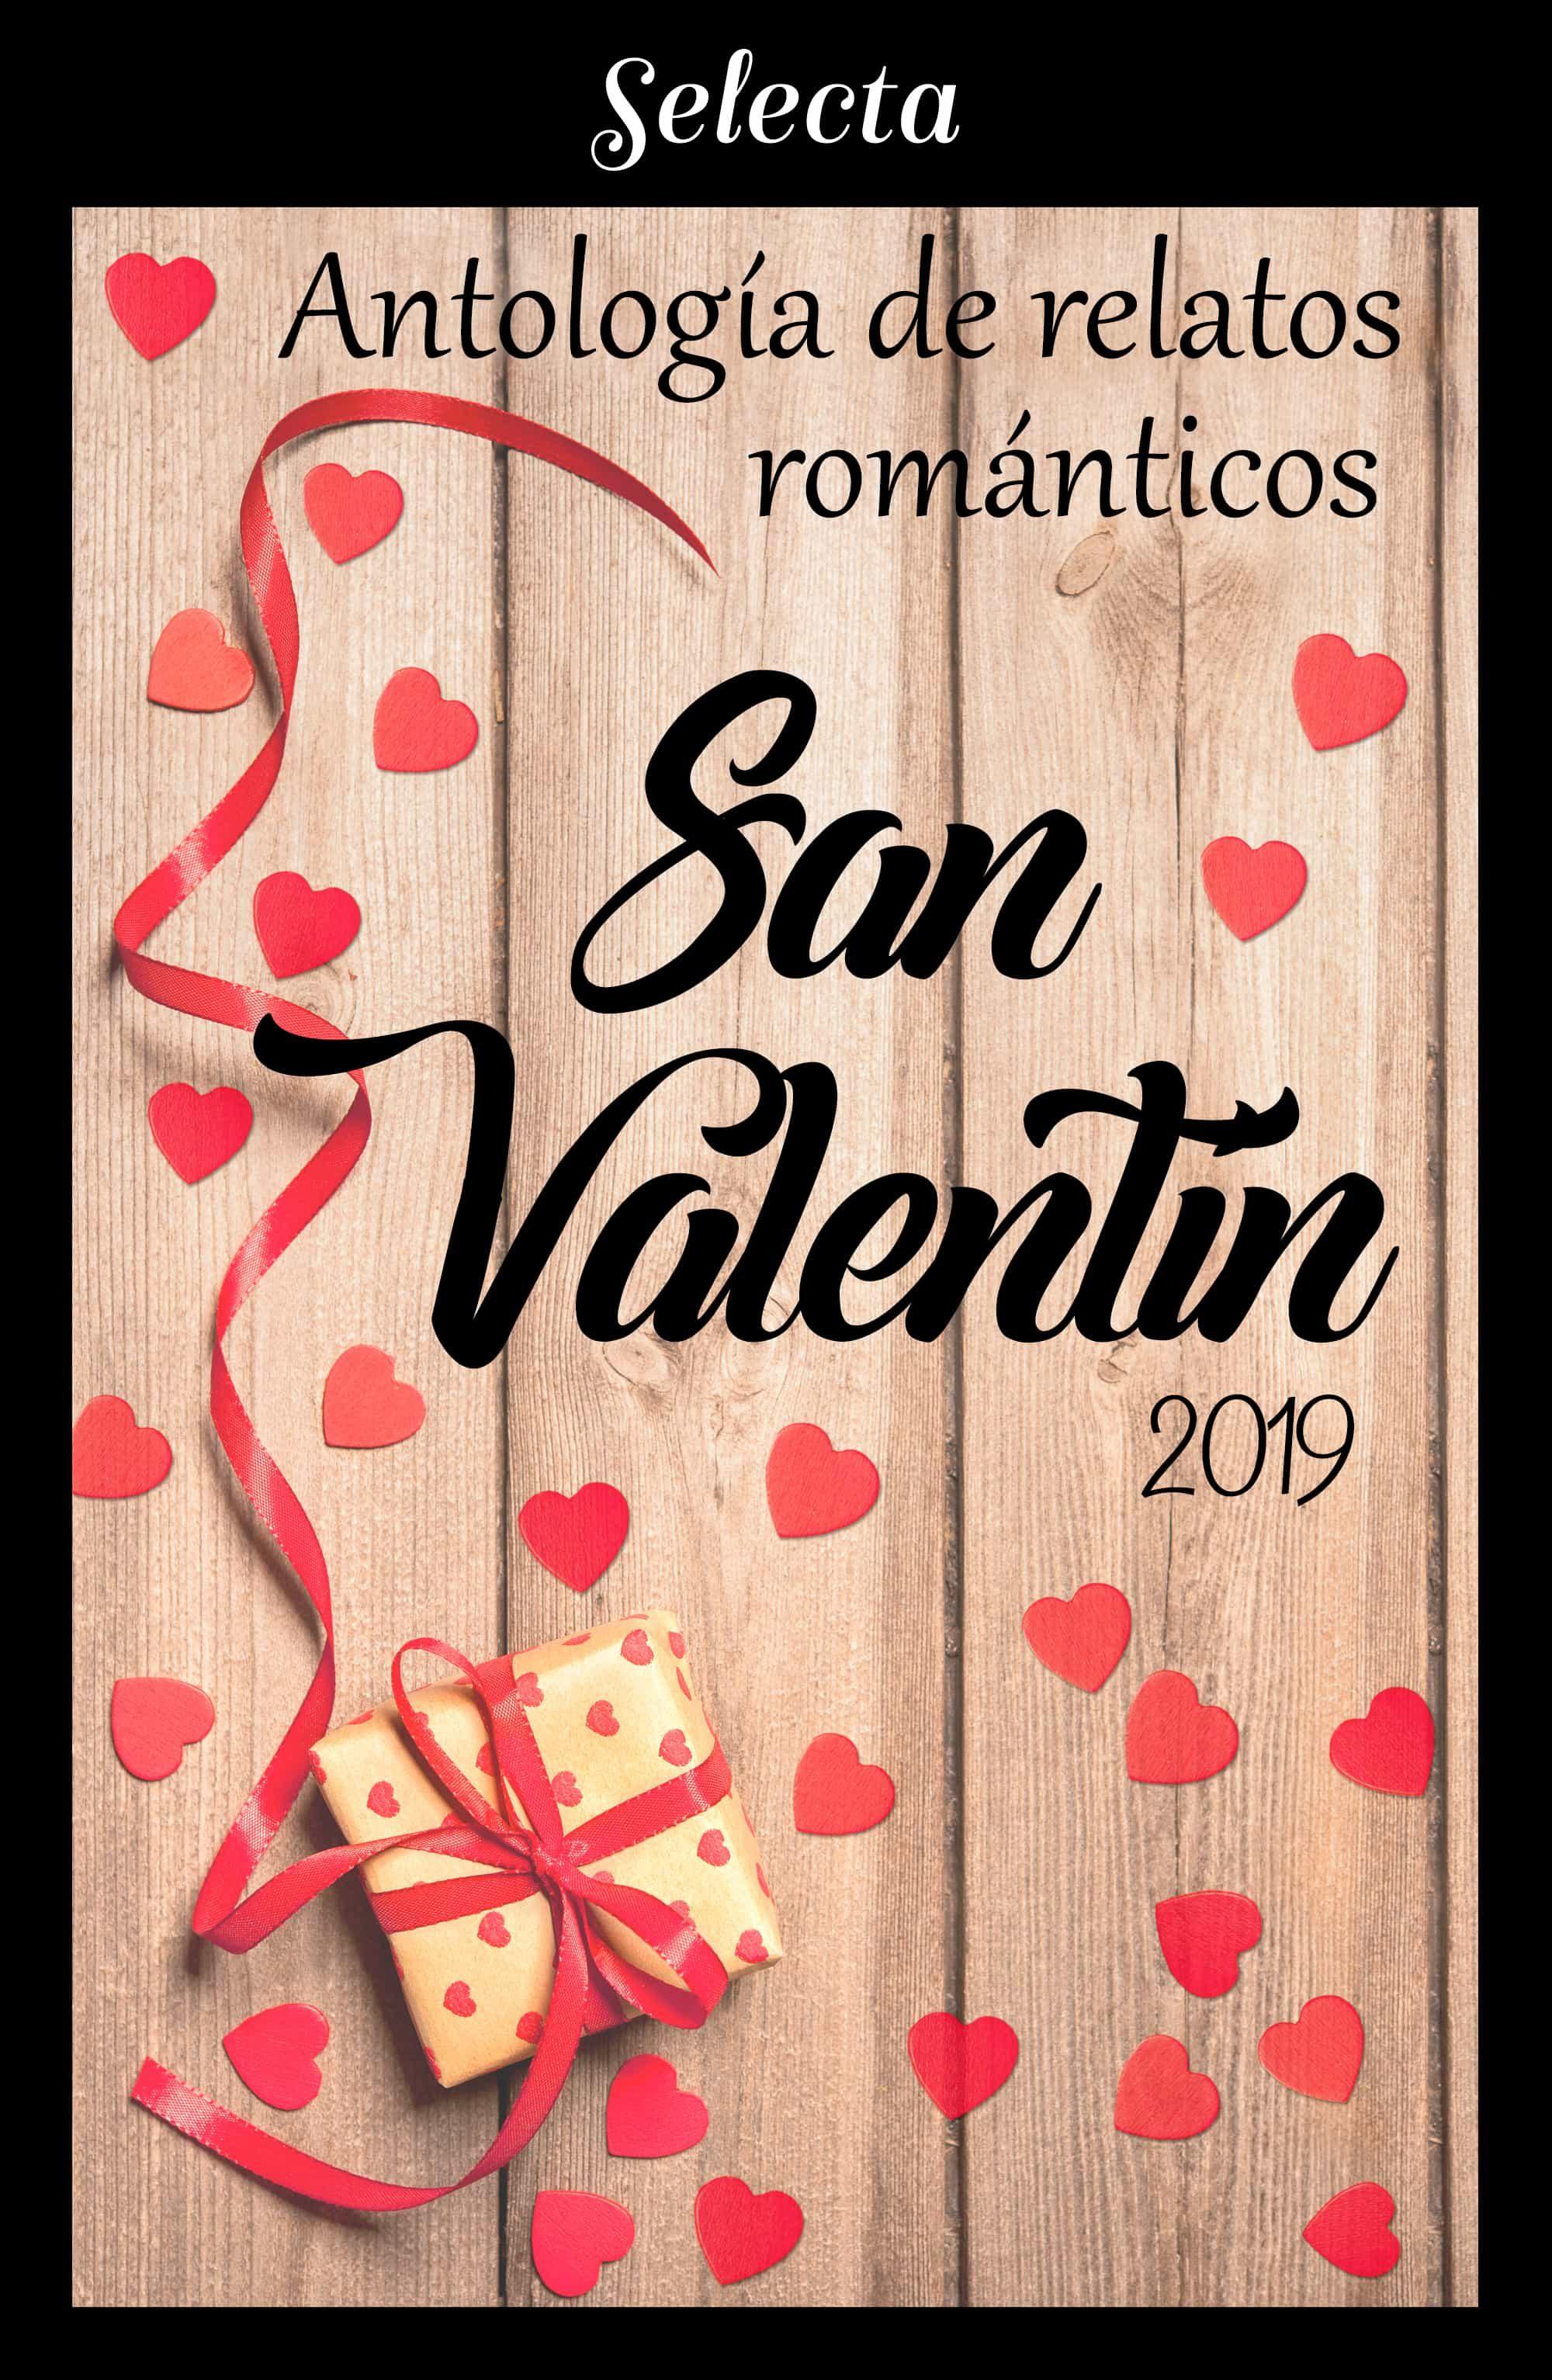 Antología De Relatos Románticos. San Valentín 2019 (ebook) · Ebooks · El  Corte Inglés